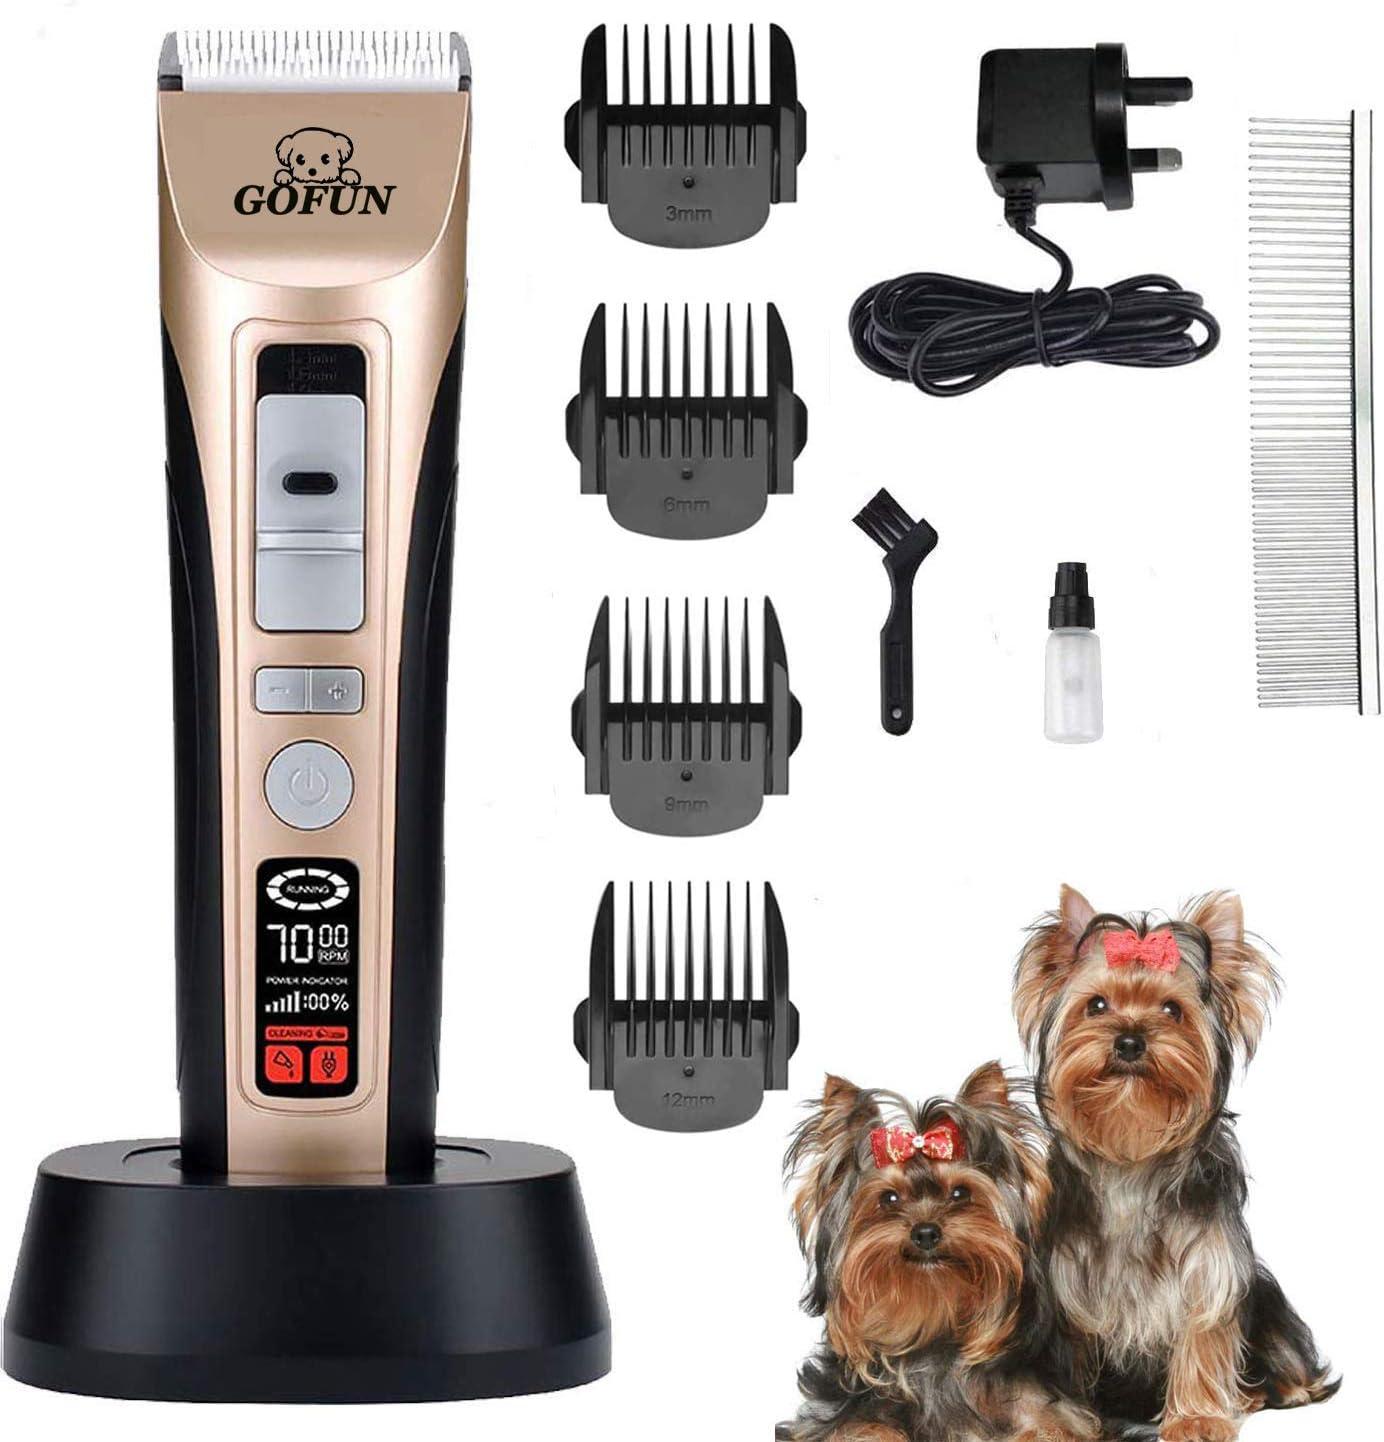 GOFUN Cortapelos para perros, 5 velocidades, kit de recortadora de pelo de mascotas, sin cables, de bajo ruido, para perros, gatos, caballos